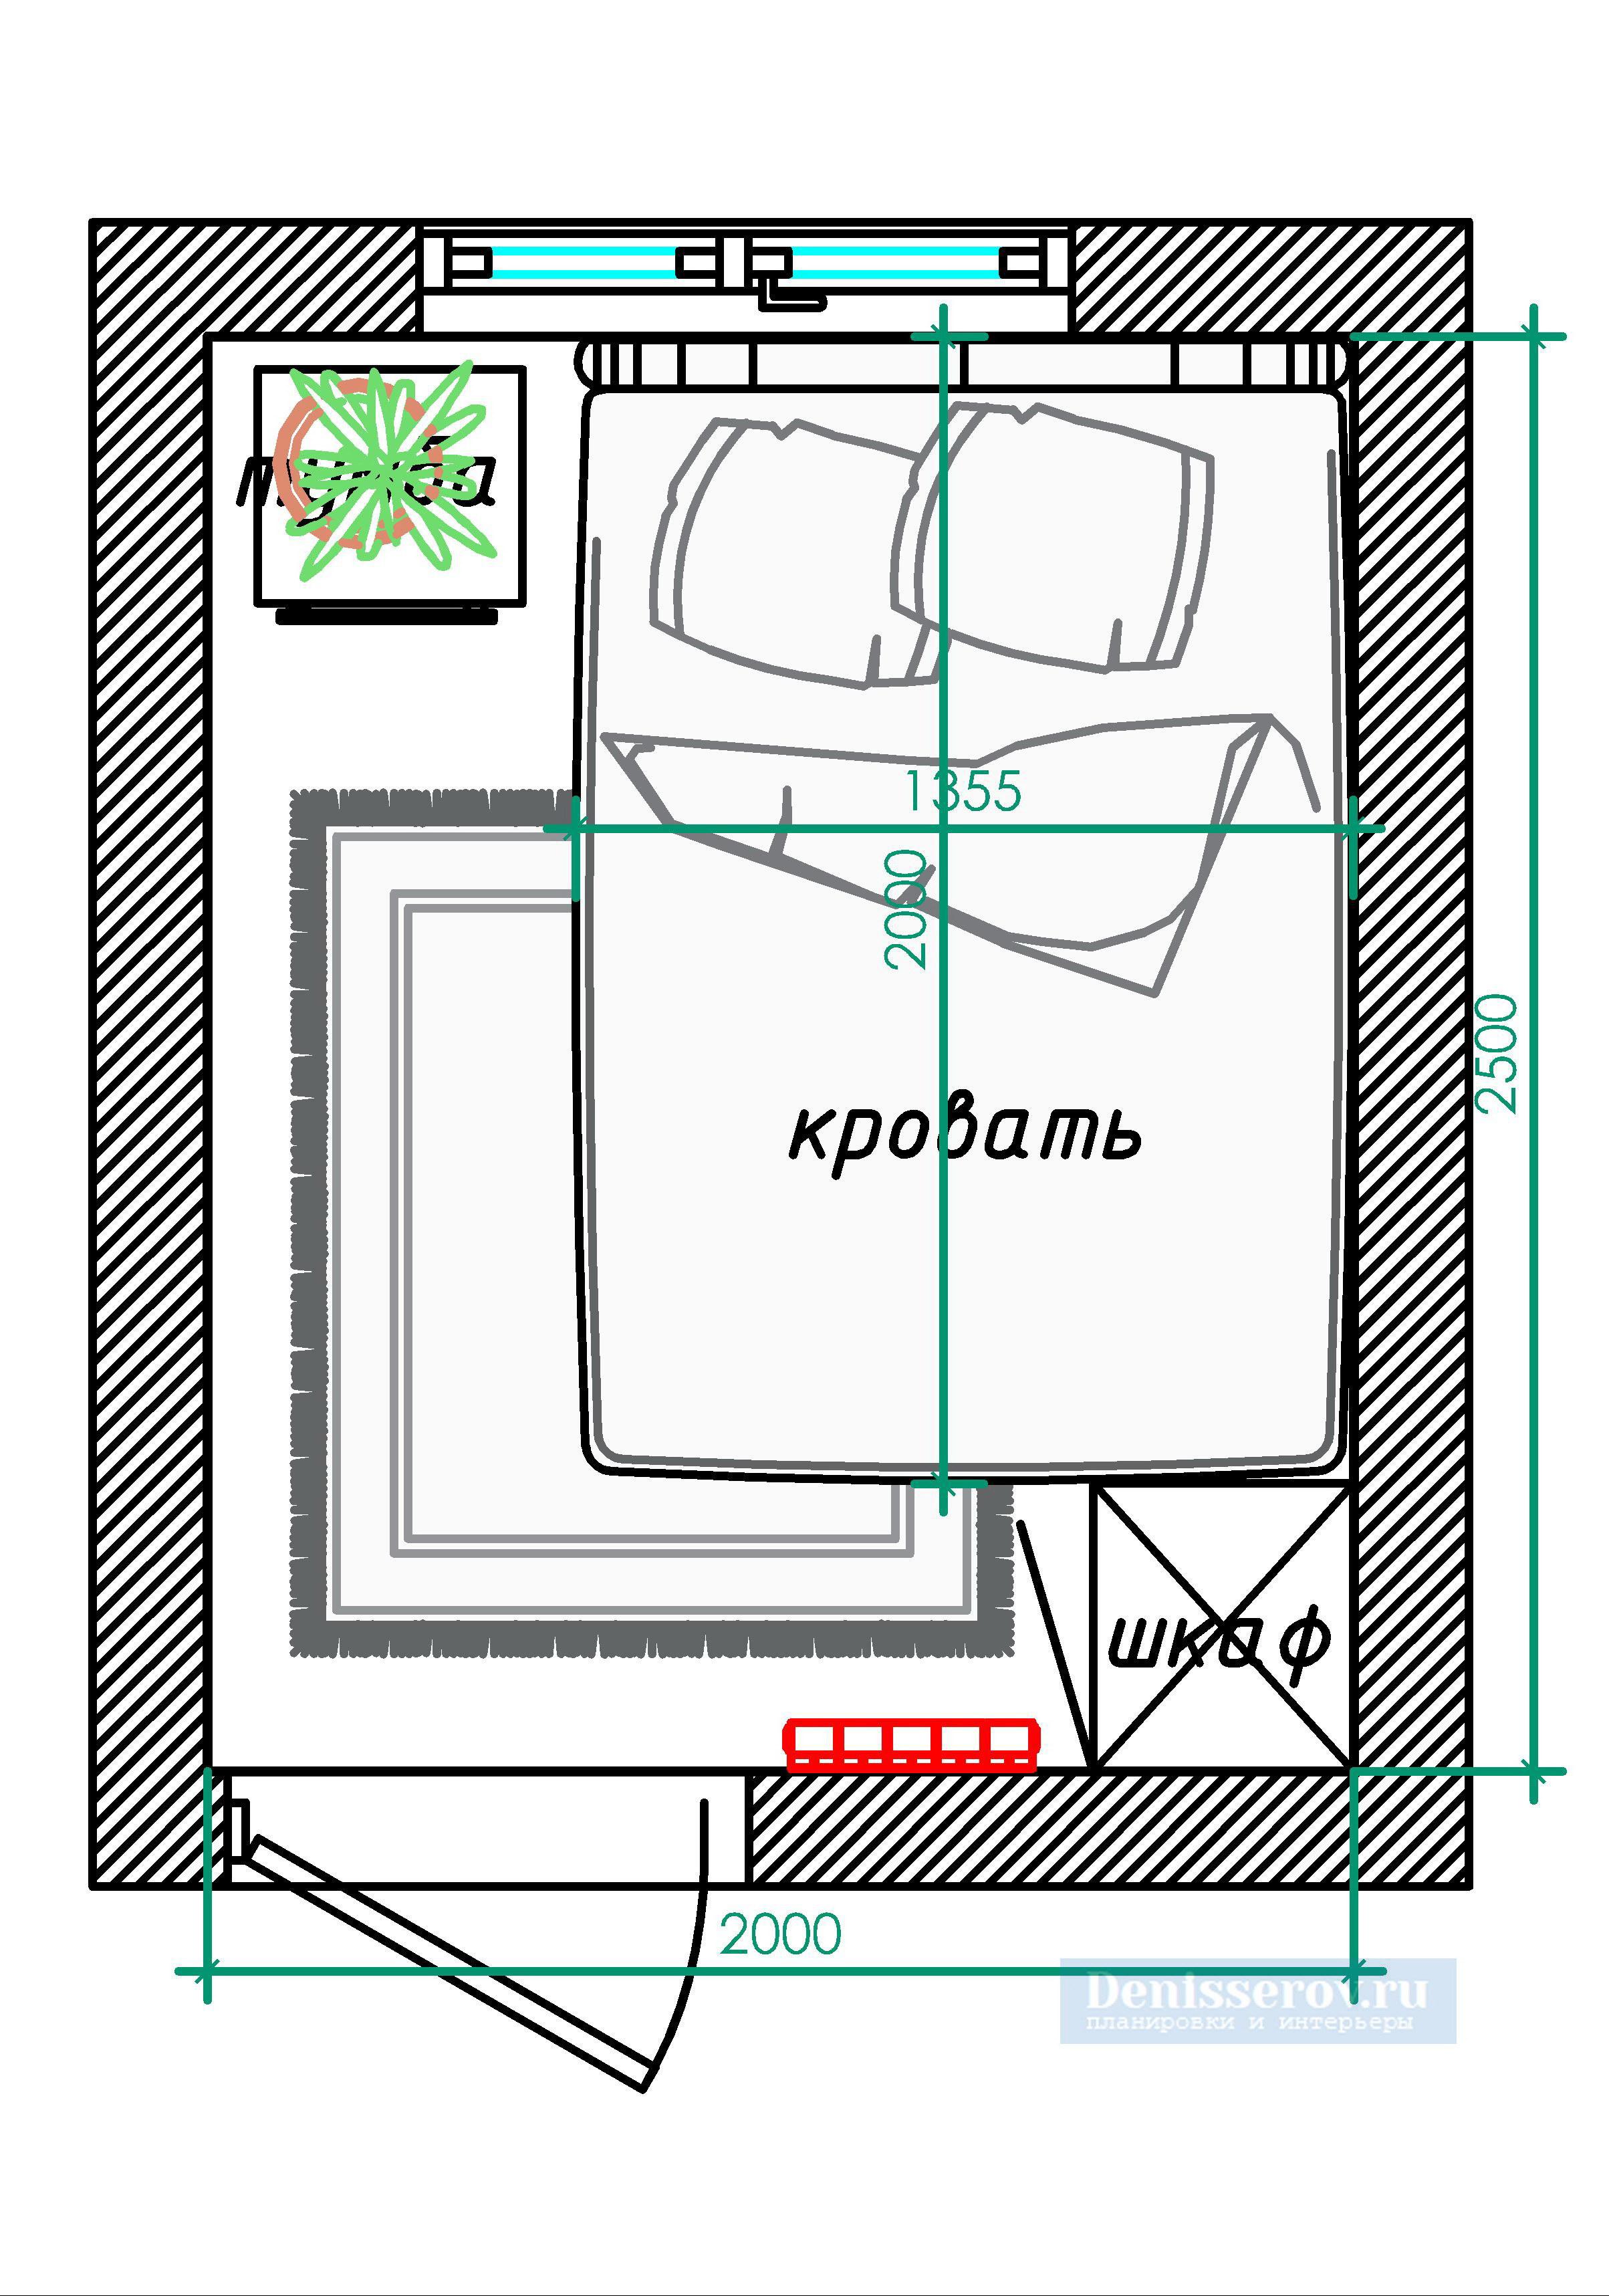 планировка спальни 5 кв м с размерами